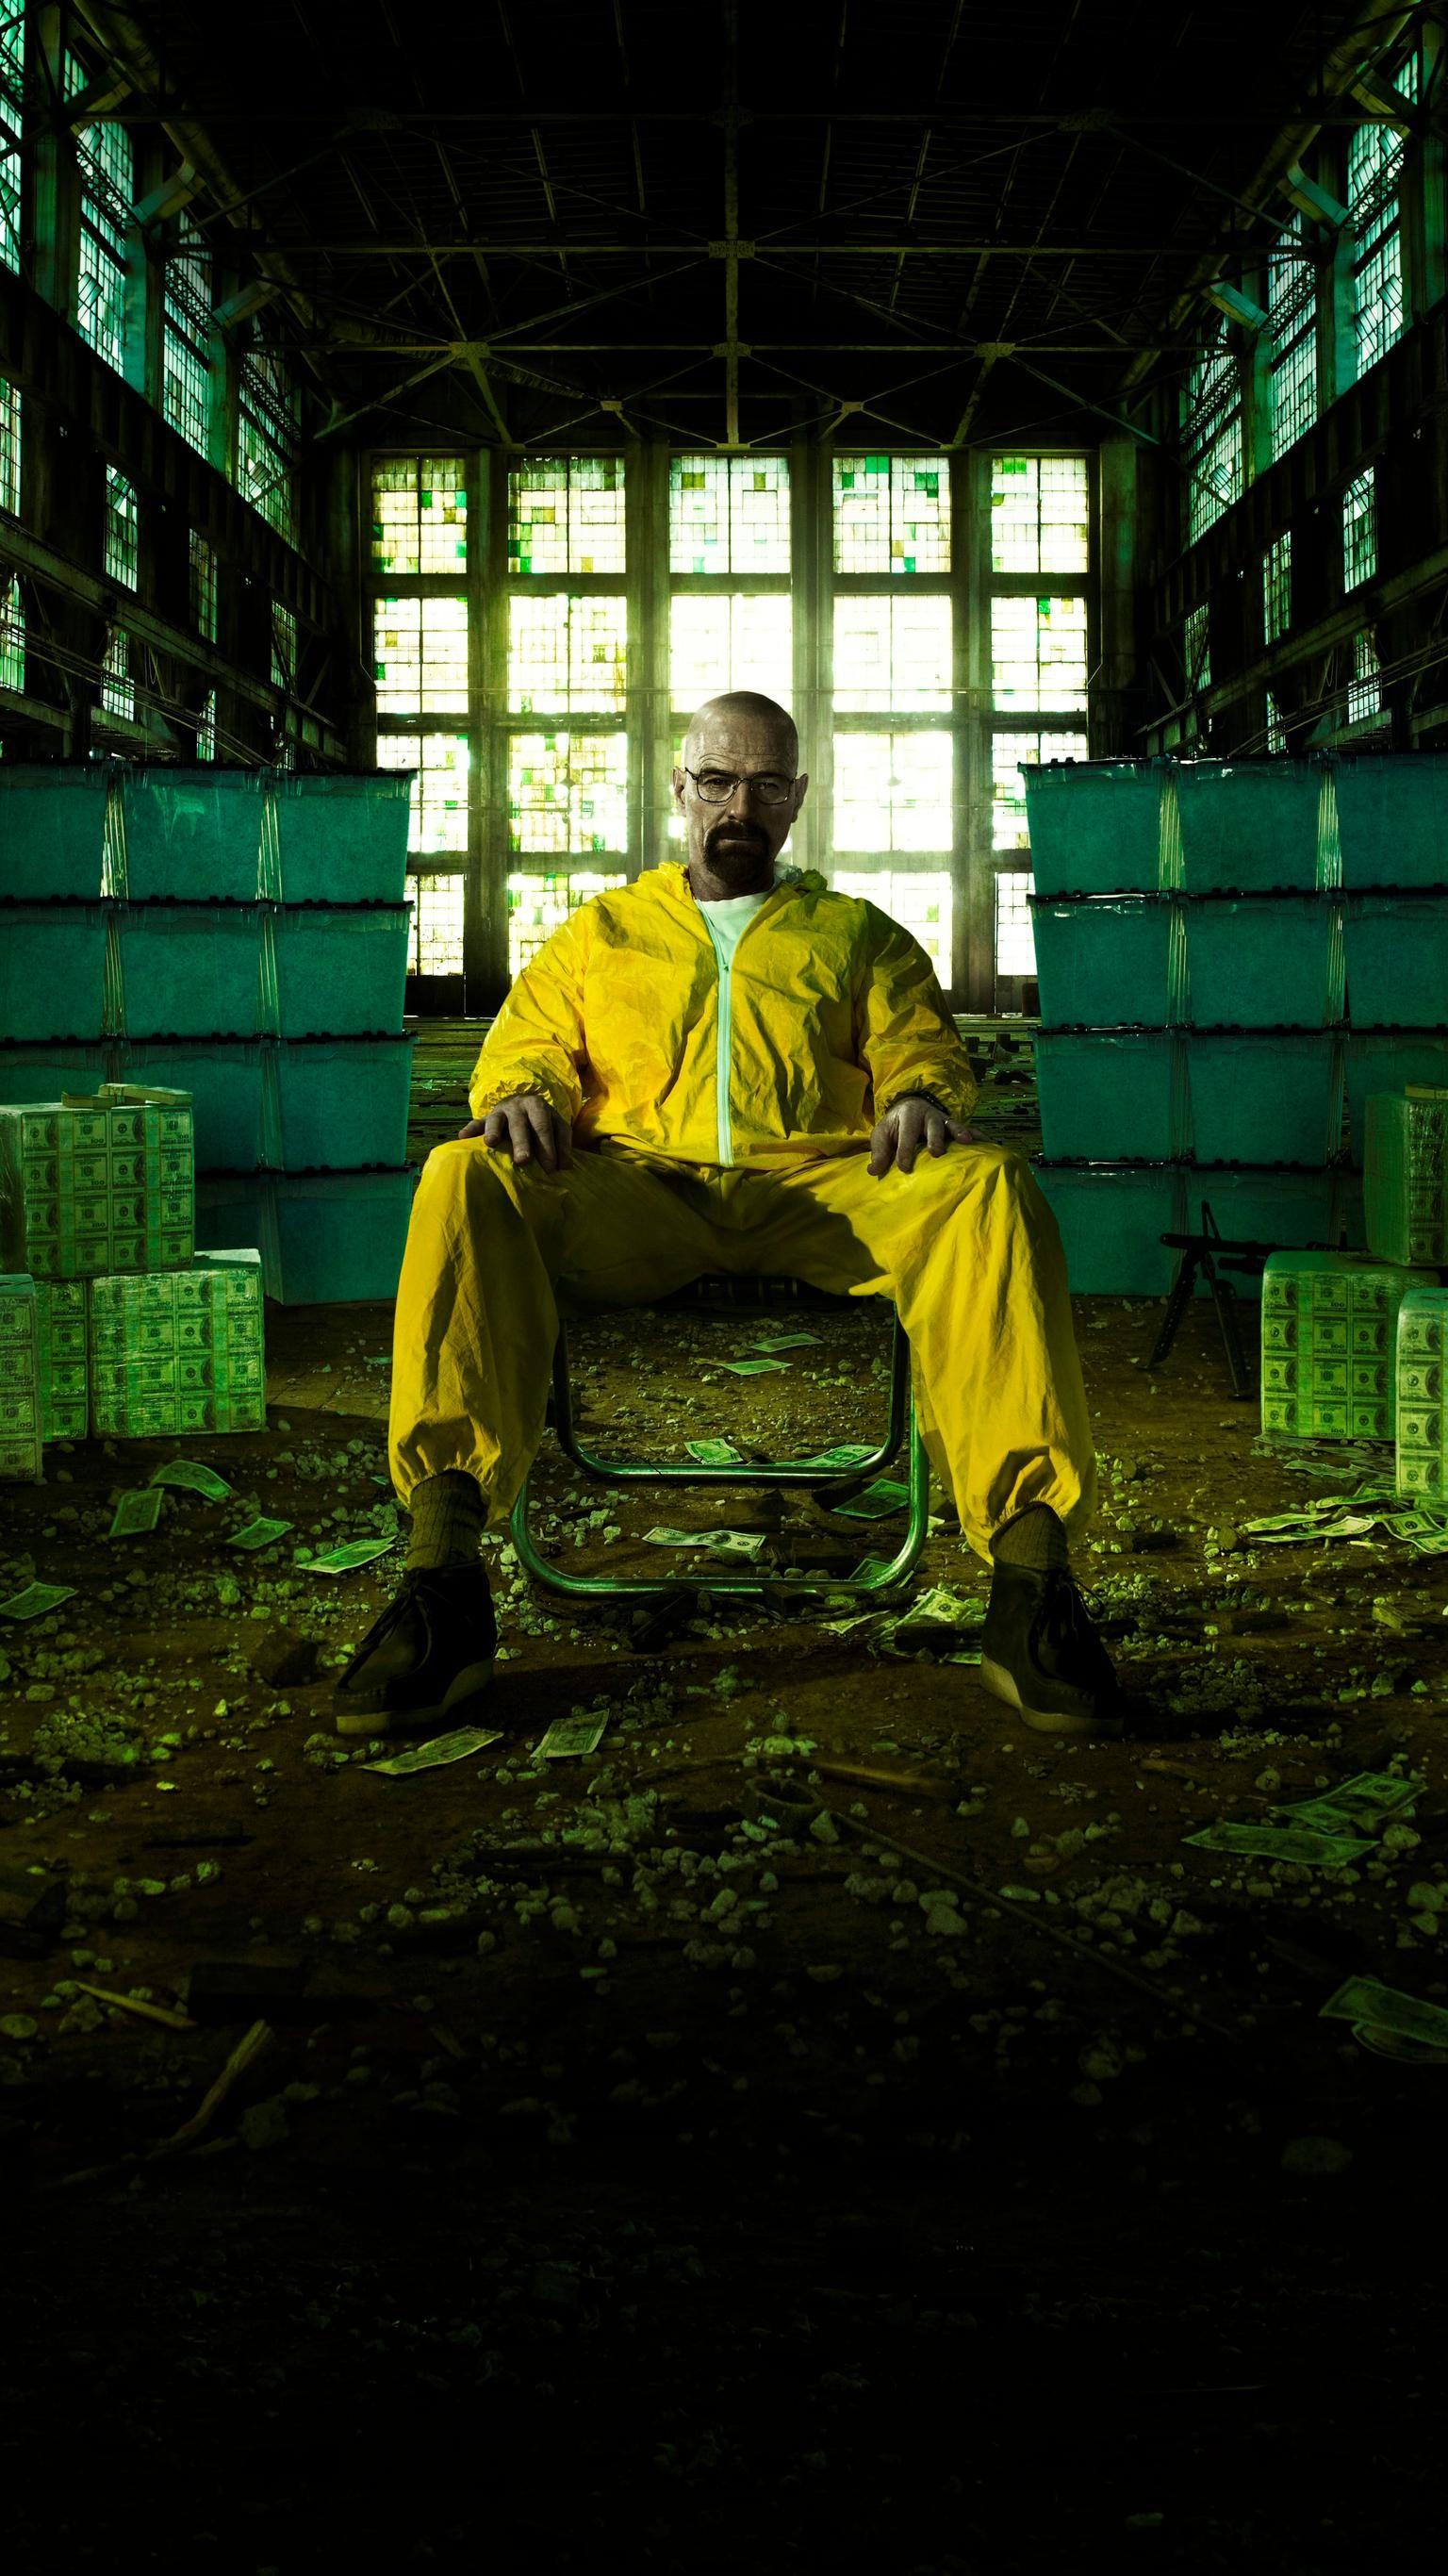 Moviemania Textless High Resolution Movie Wallpapers Breaking Bad Poster Breaking Bad Breaking Bad Seasons